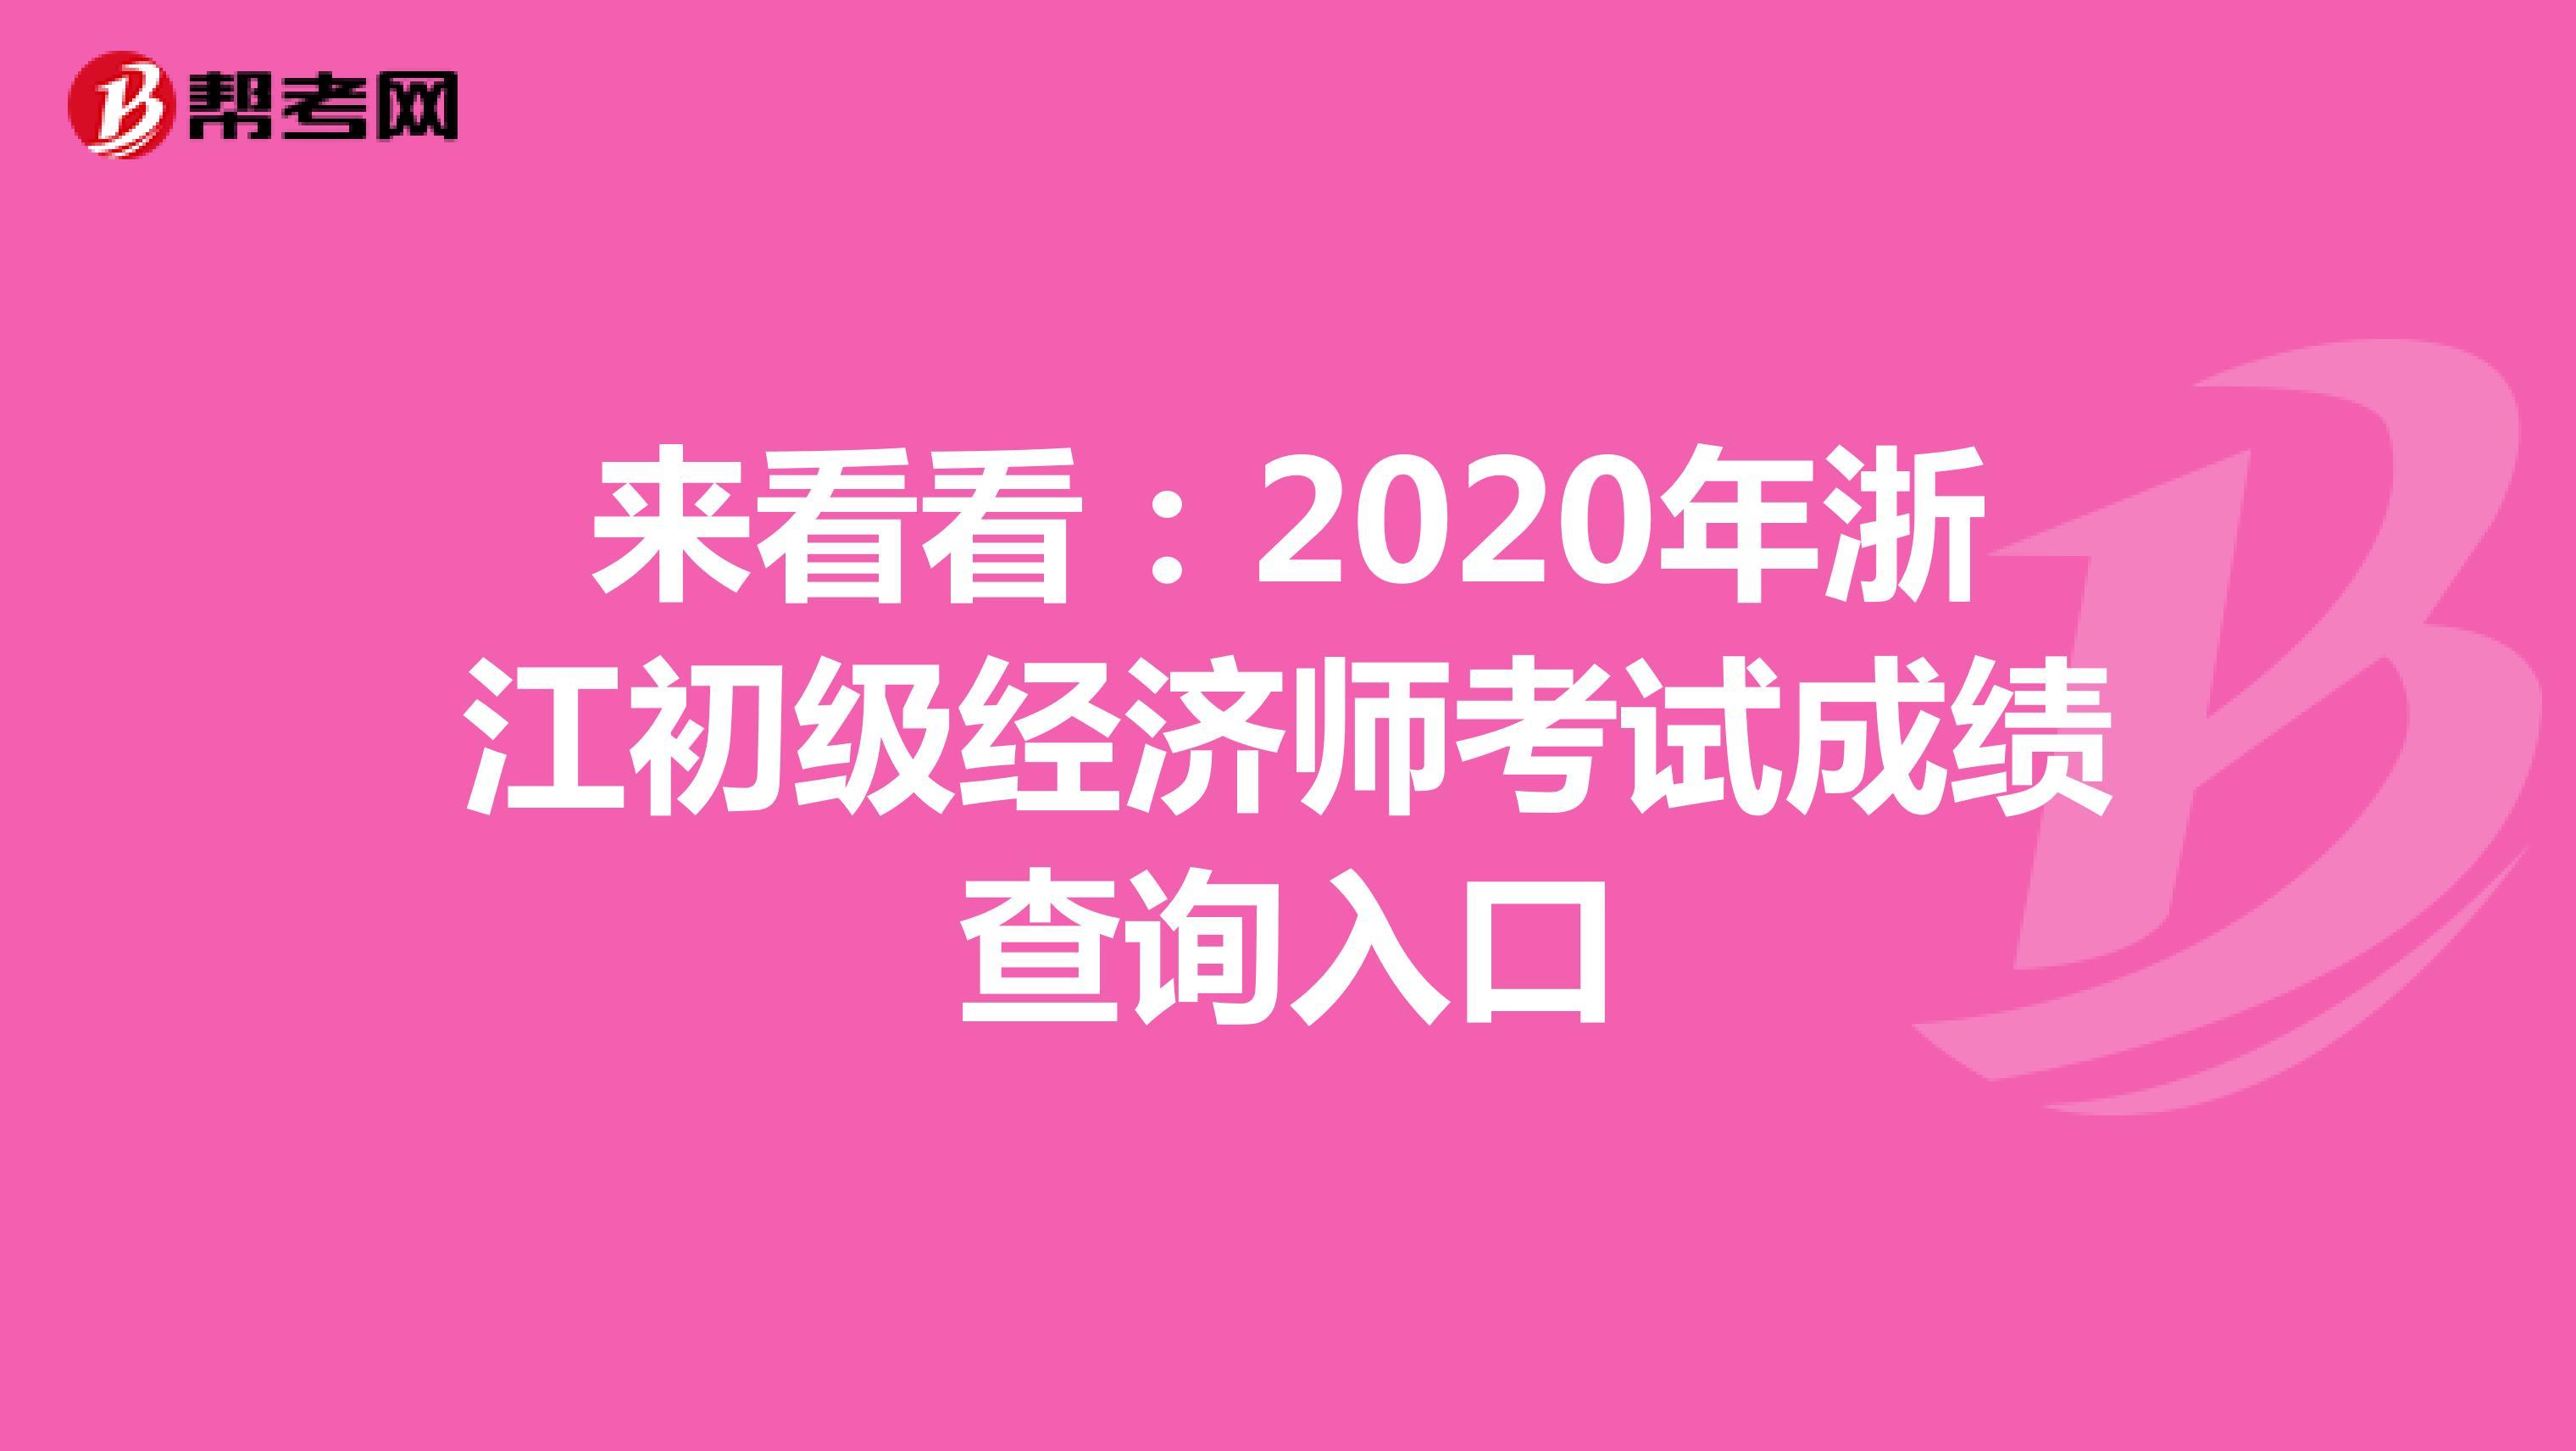 来看看:2020年浙江初级经济师考试成绩查询入口